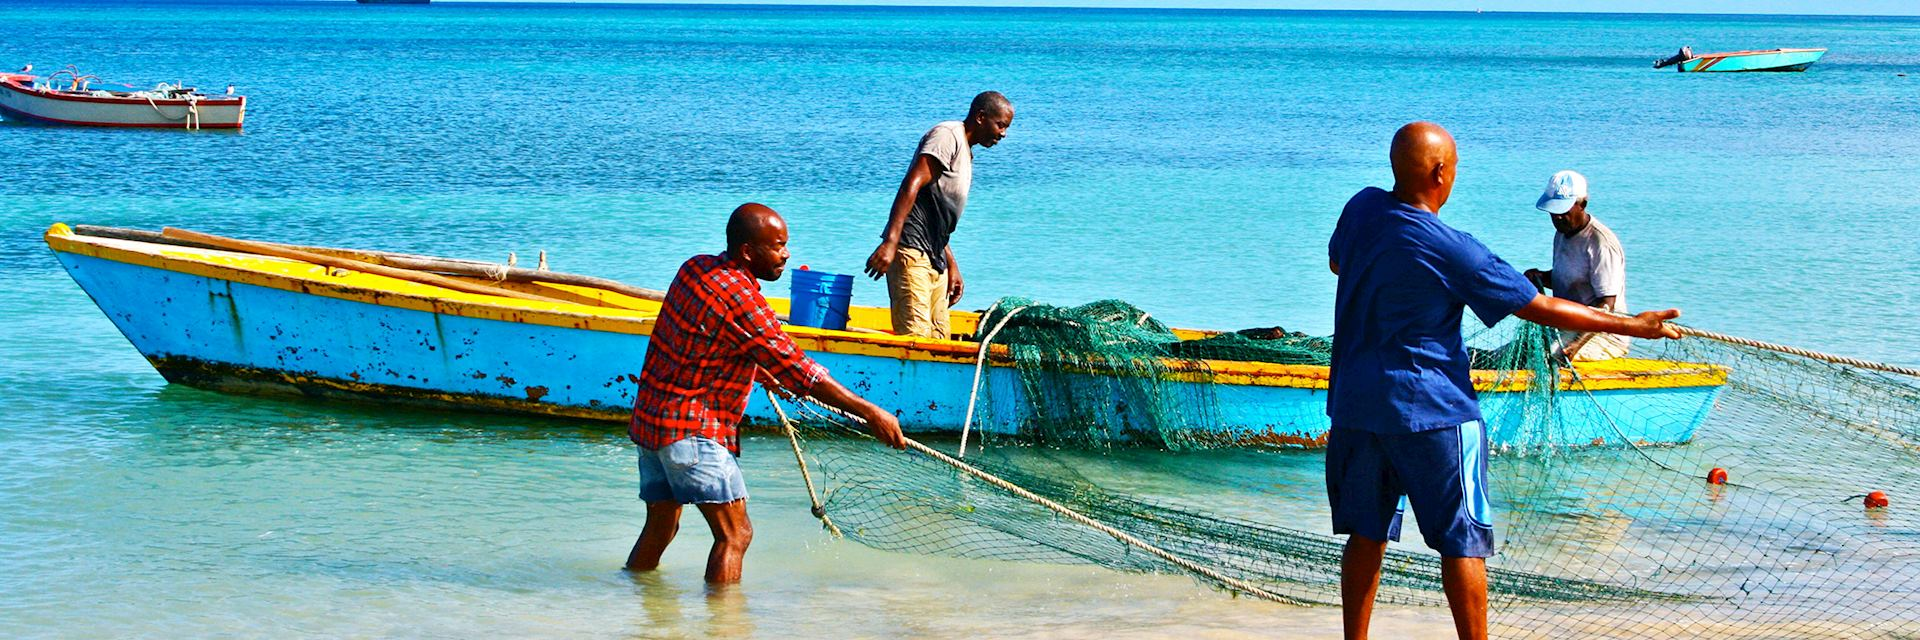 Fishermen in Grenada